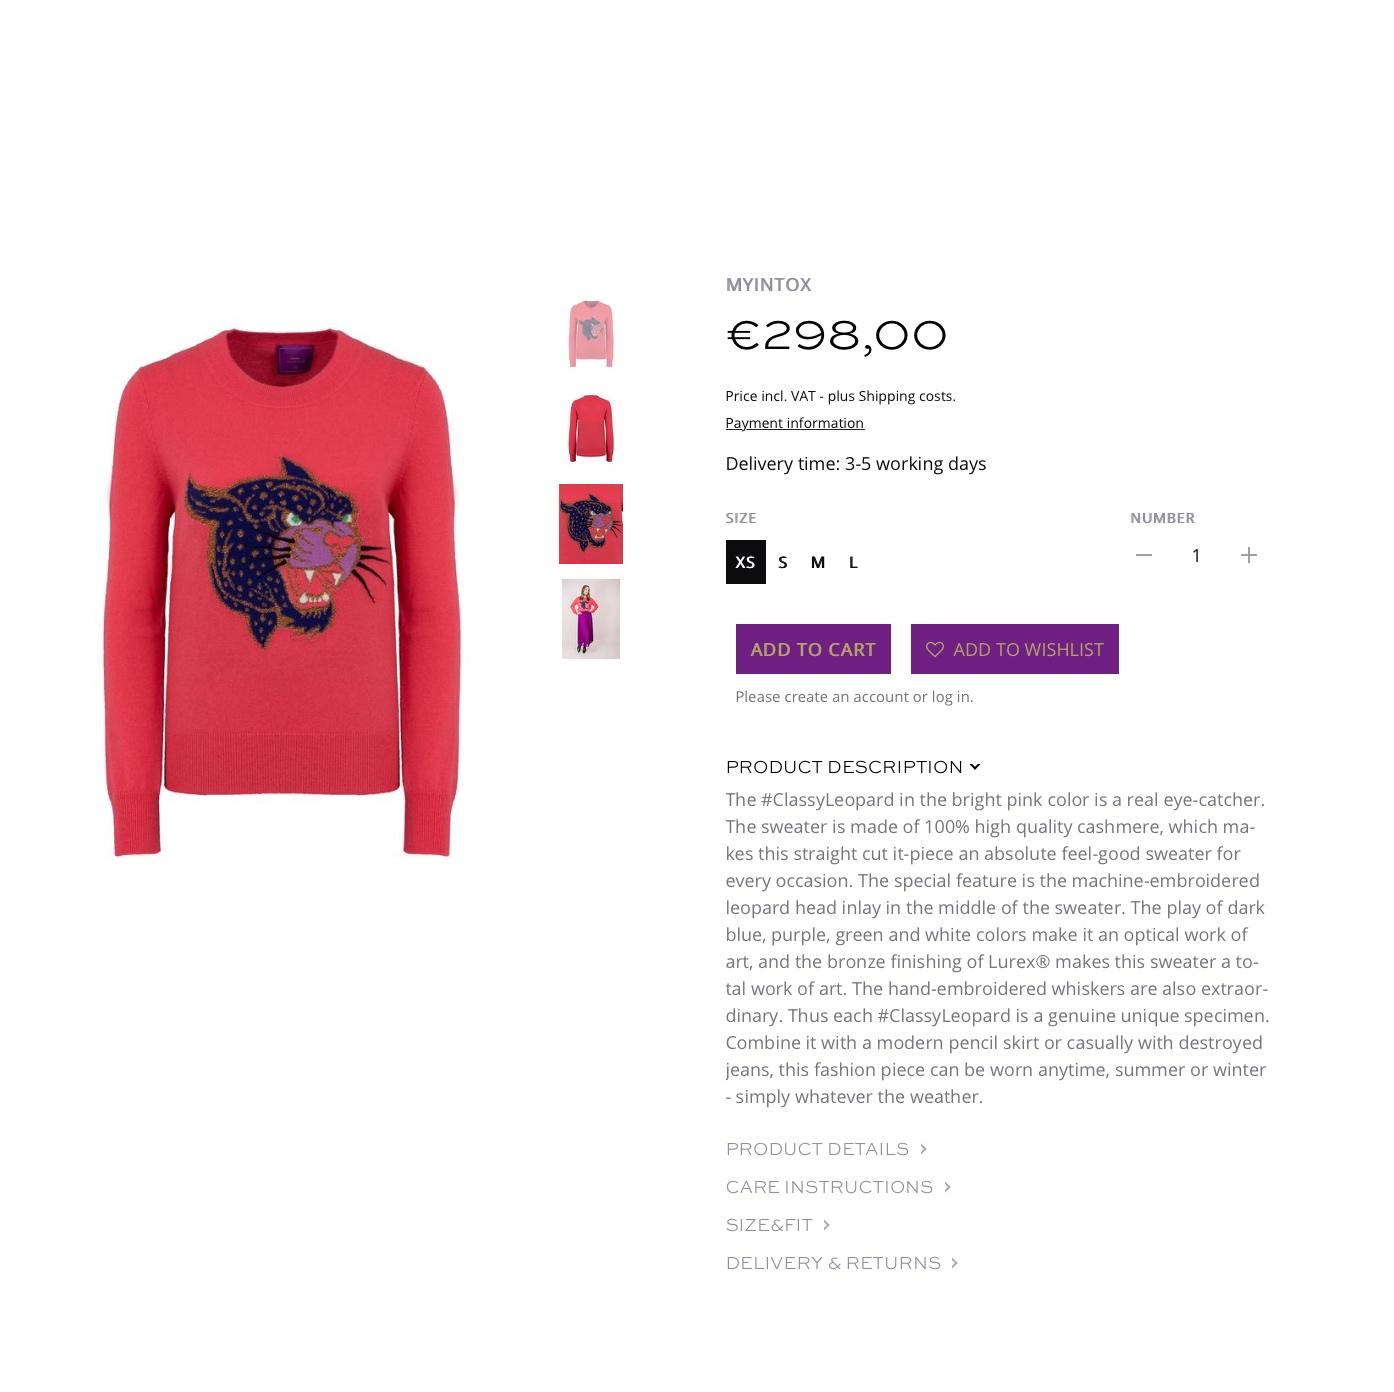 Produktbeschreibungen amazon ebay etsy